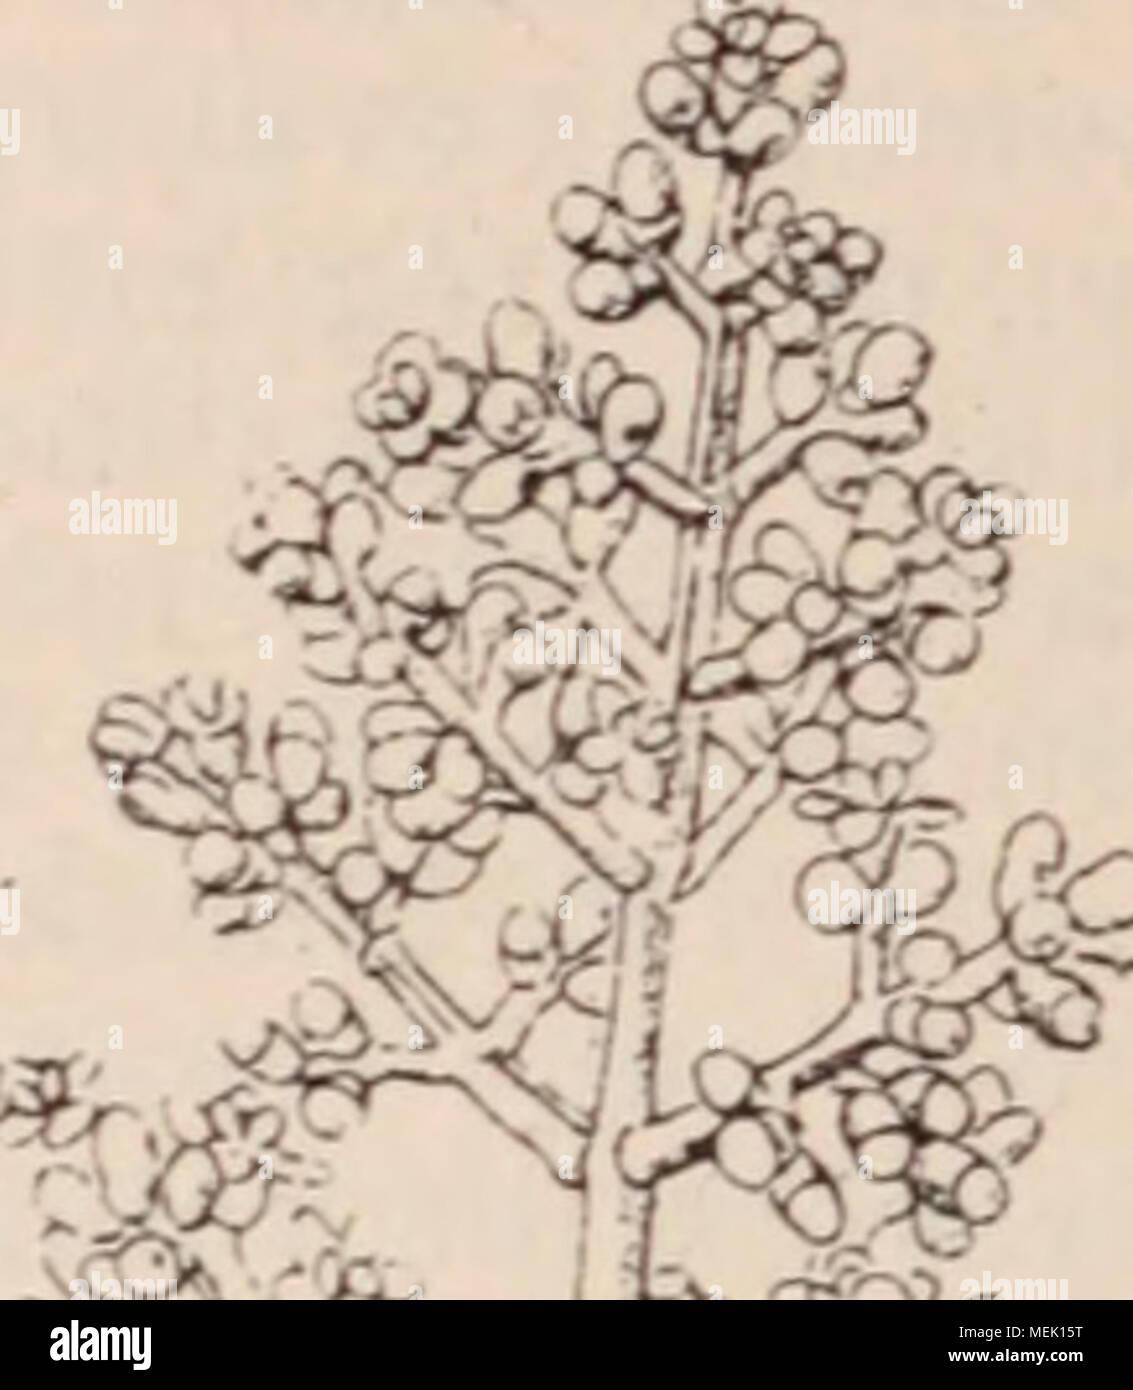 . Dictionnaire d'horticulture illustré / par D. Bois  préface de Maxime Cornu  avec la collaboration de E. André ... [et al.]. . Stock Photo